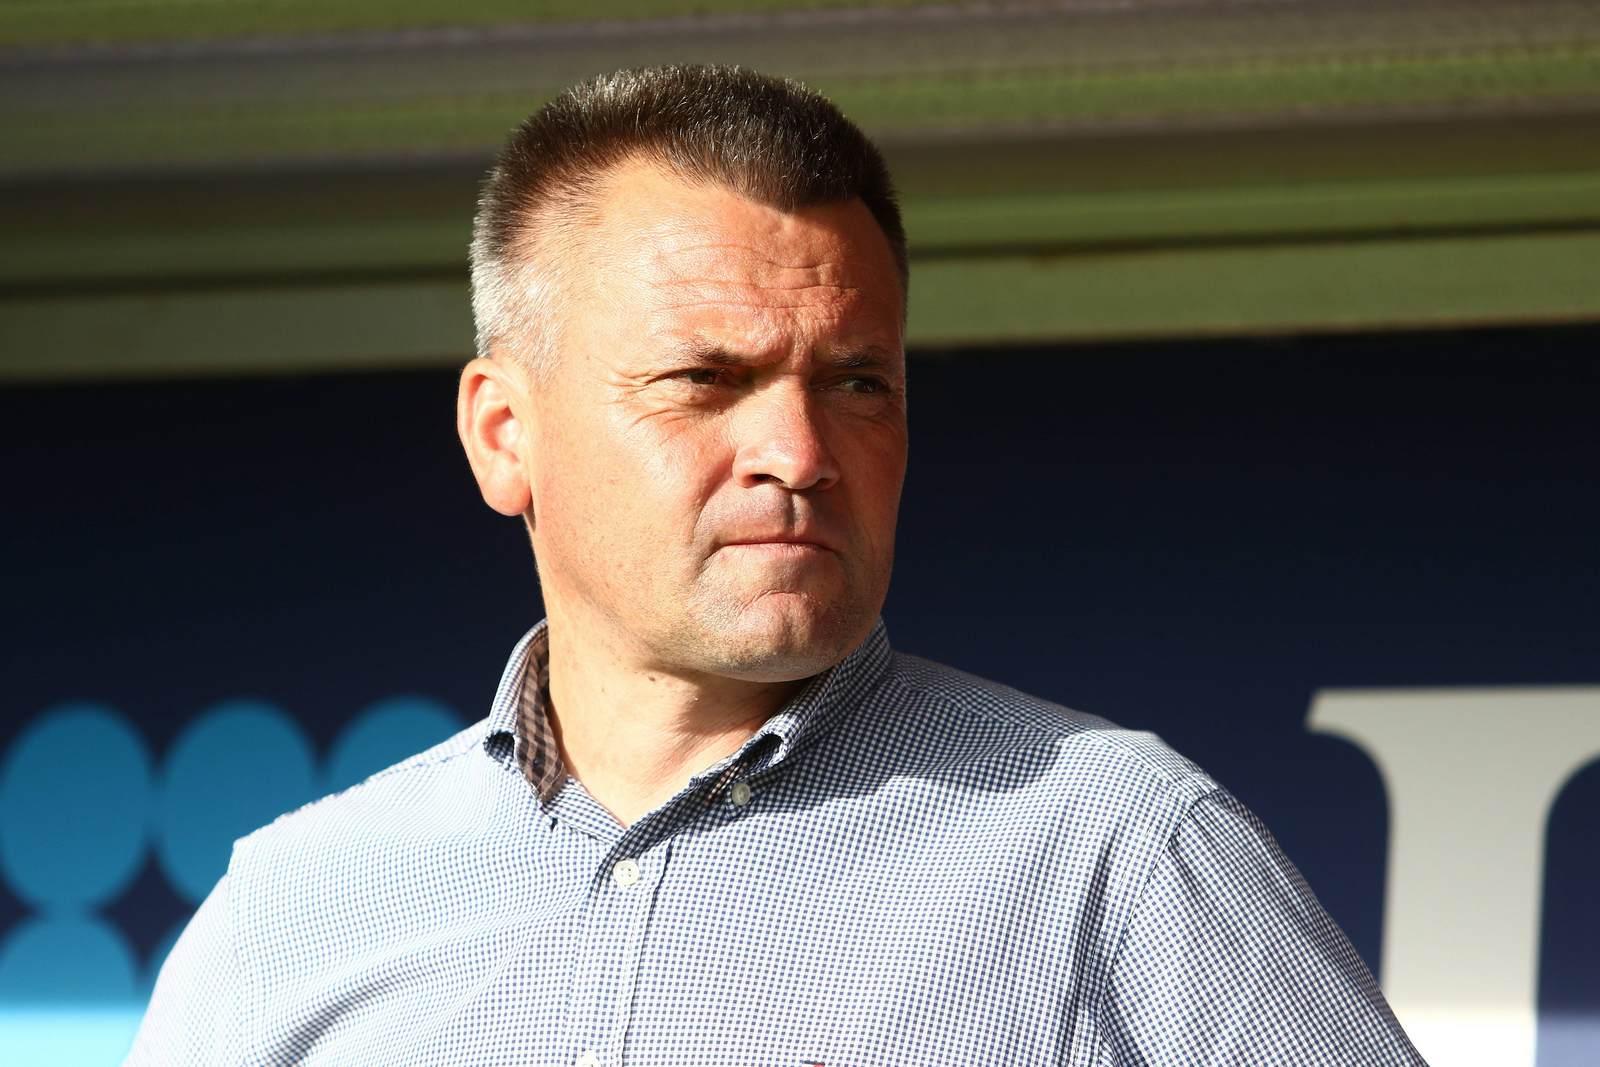 Manni Schwabl, Präsident der SpVgg Unterhaching